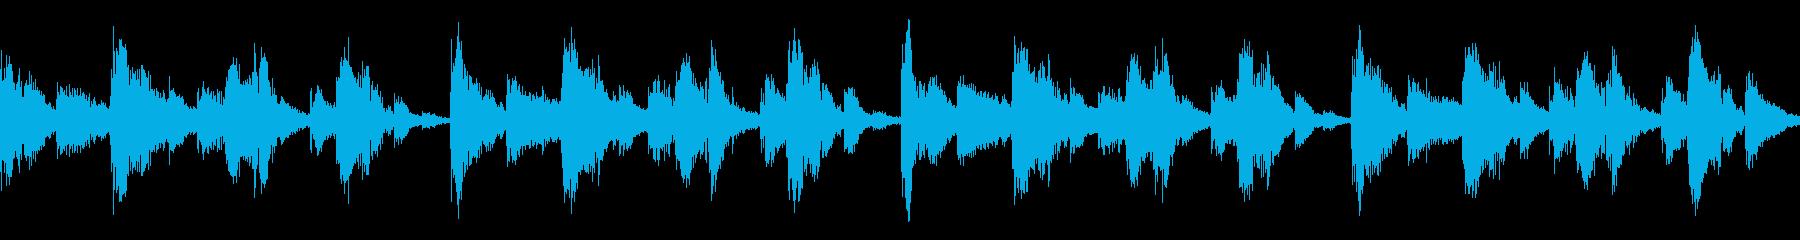 コミカルなループです。の再生済みの波形